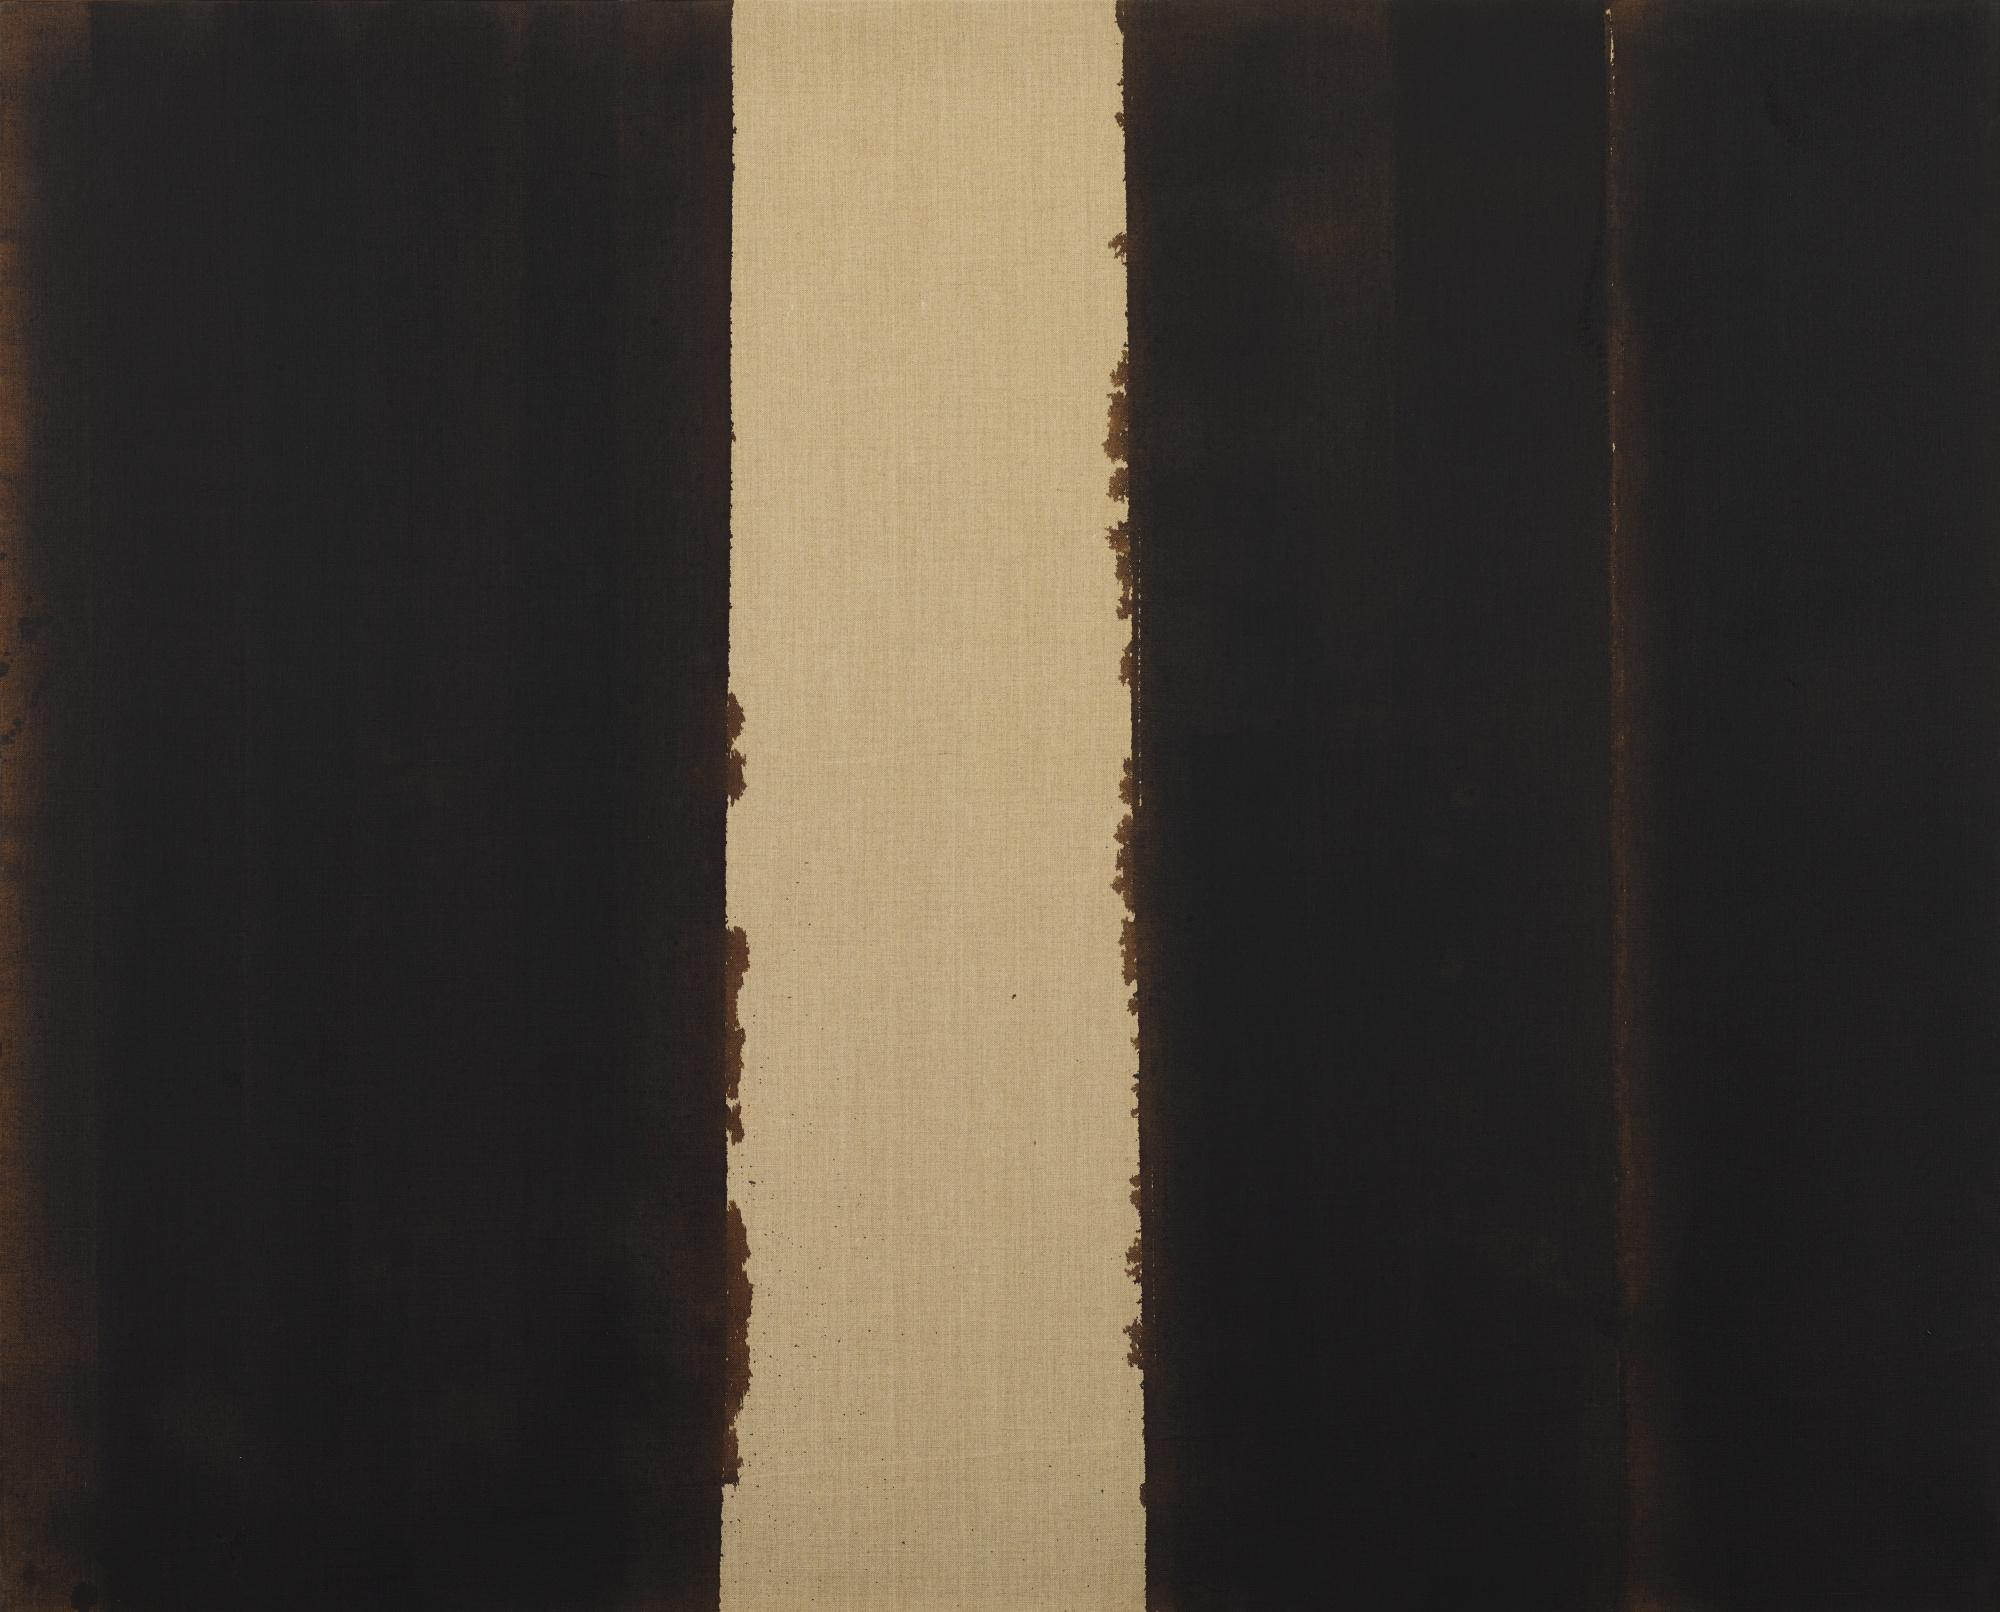 Yun Hyong-Keun-Burnt Umber & Ultramarine-1990